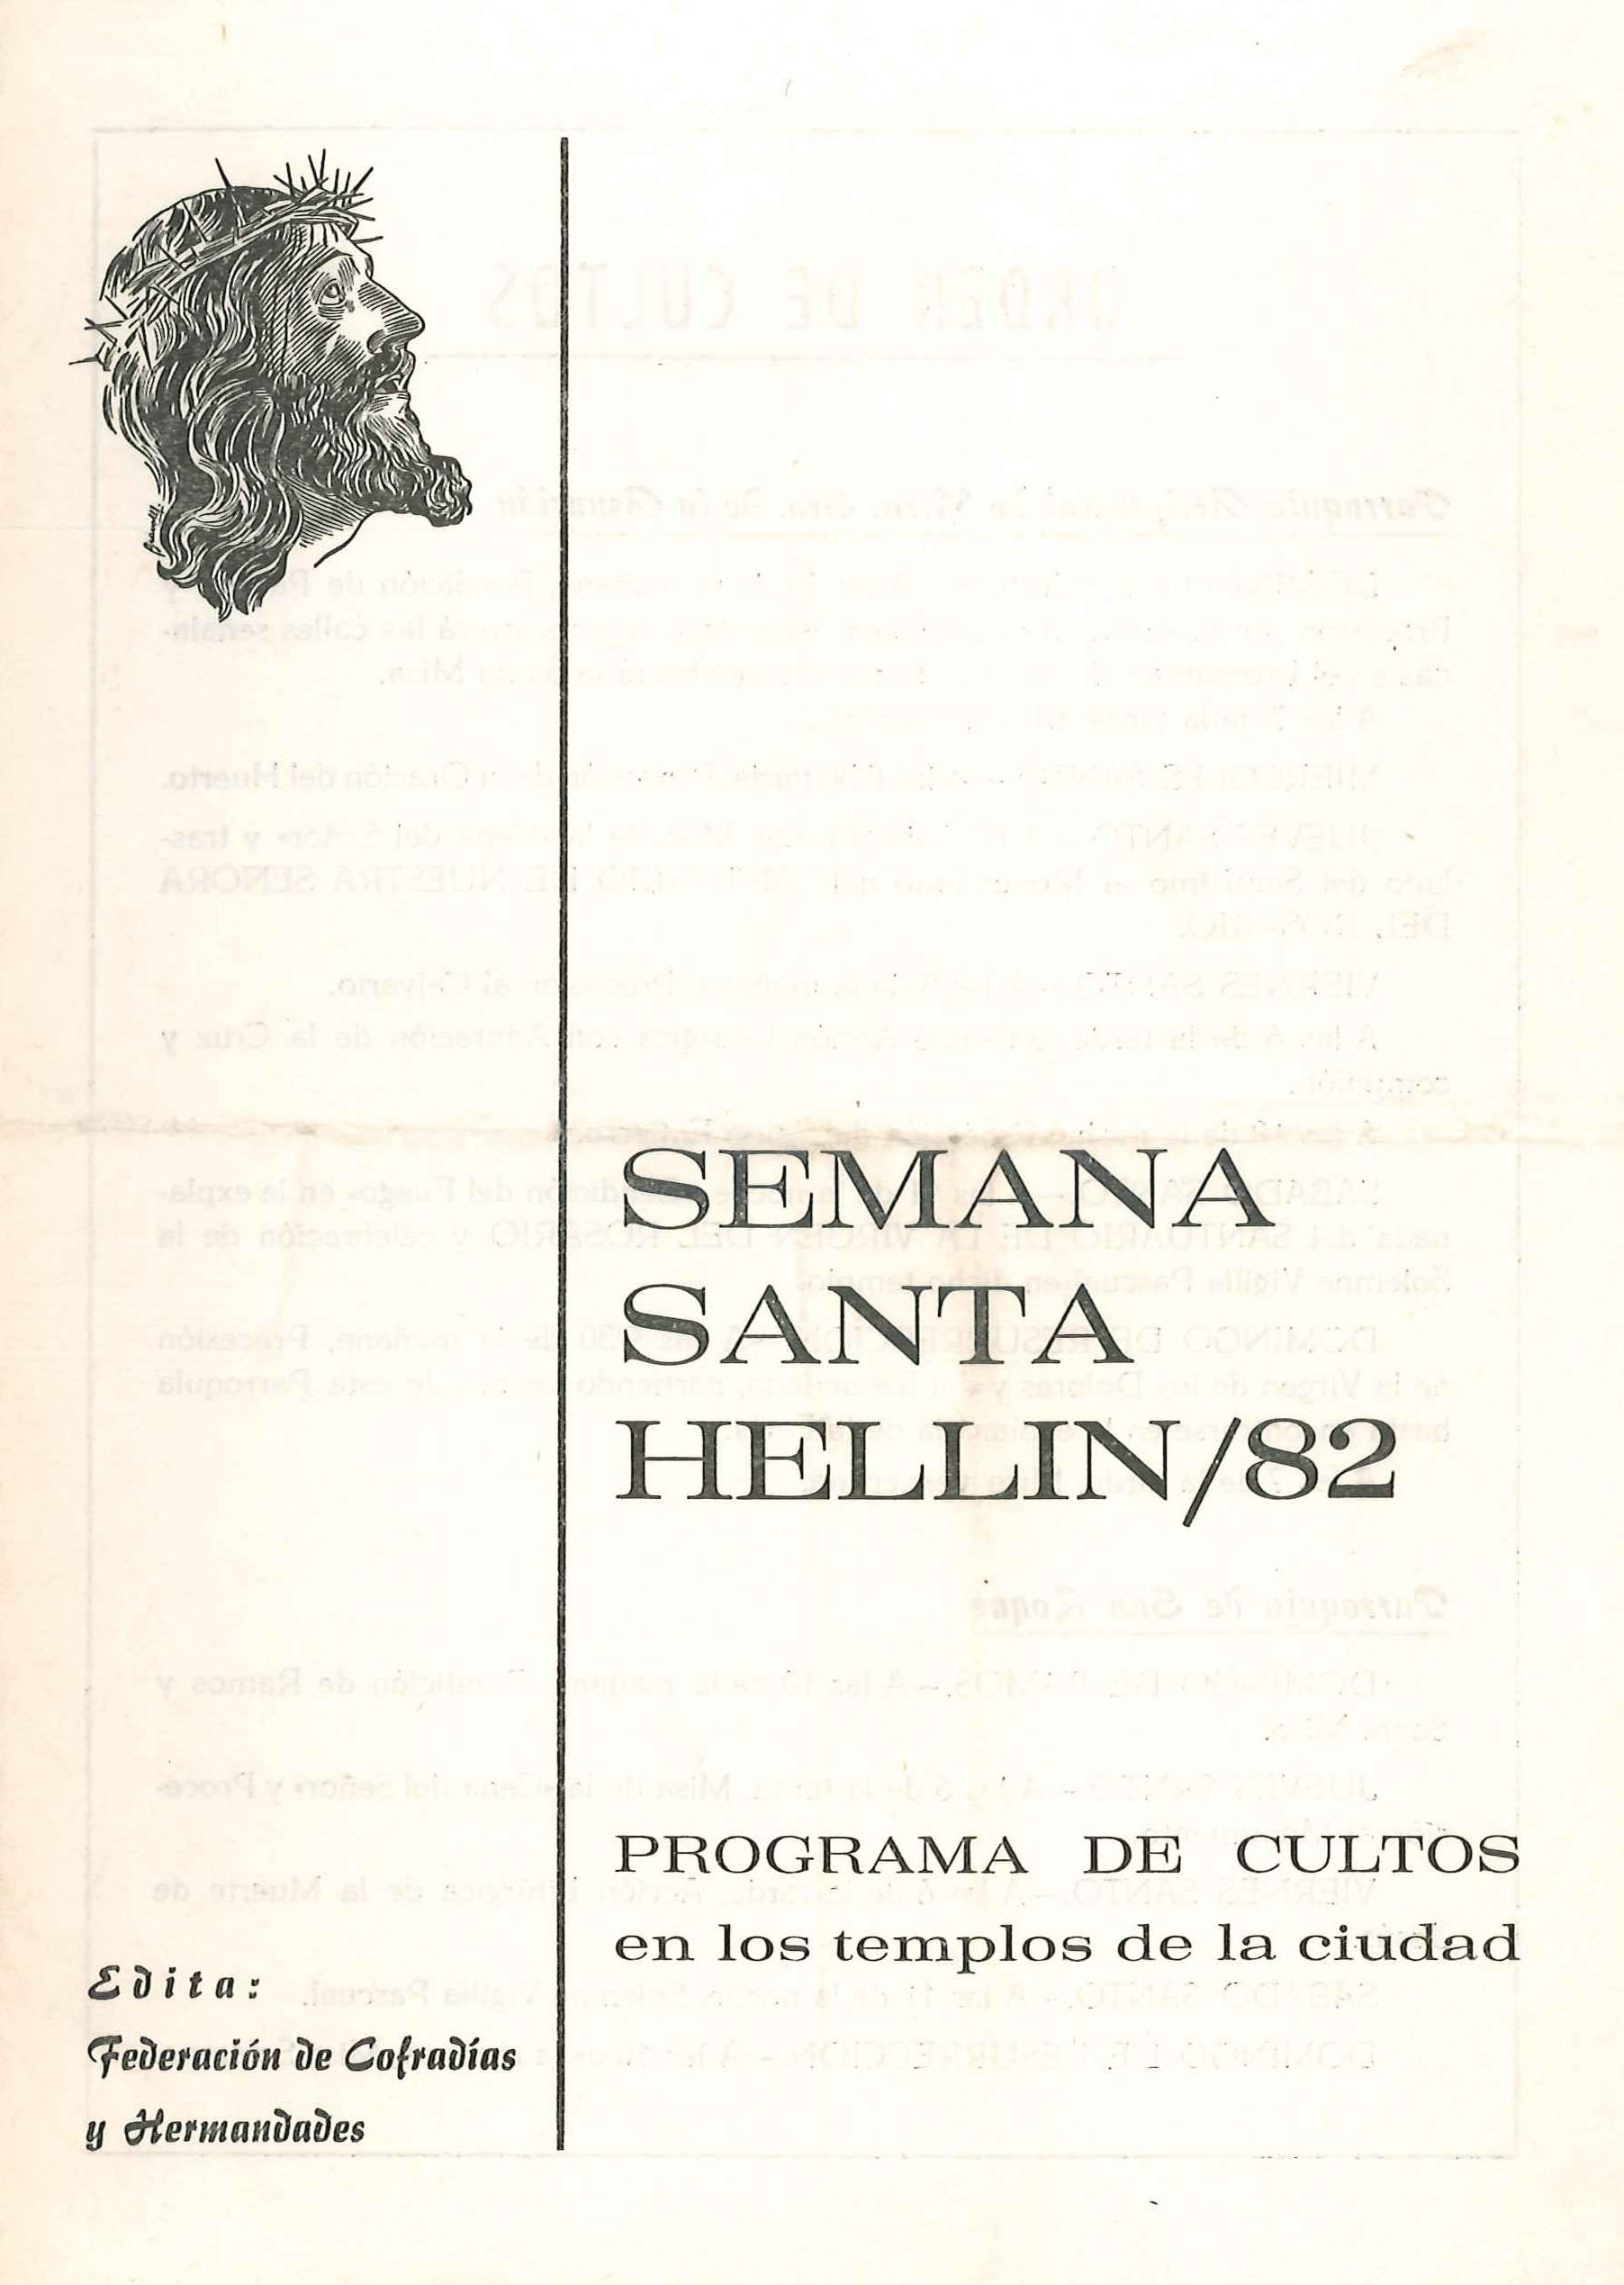 Programa de Actos de Semana Santa de Hellín - 1982